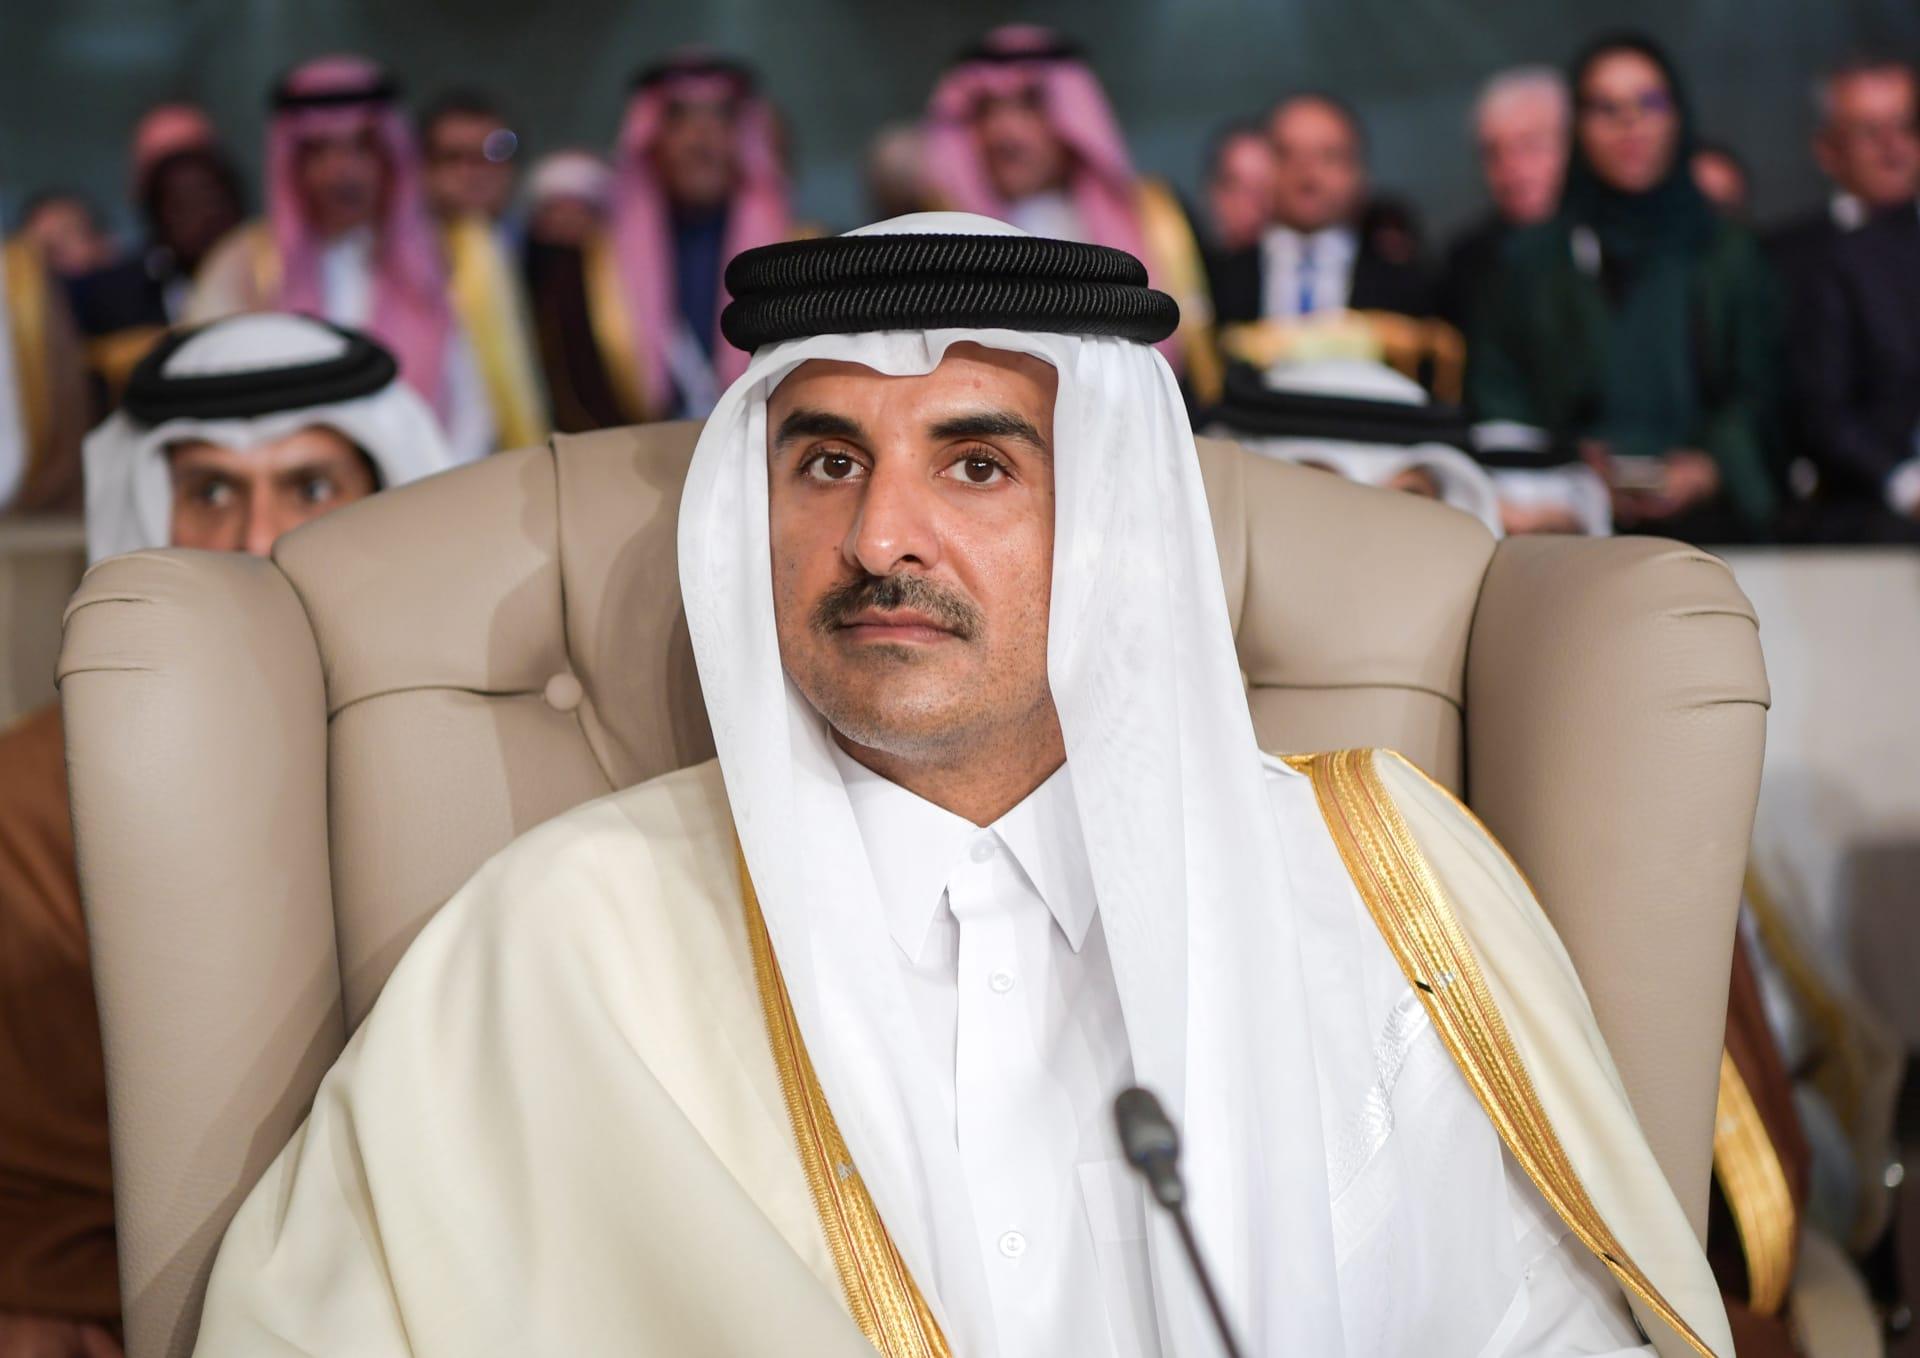 أمير قطر يغادر تونس دون أن يلقي كلمته في القمة العربية